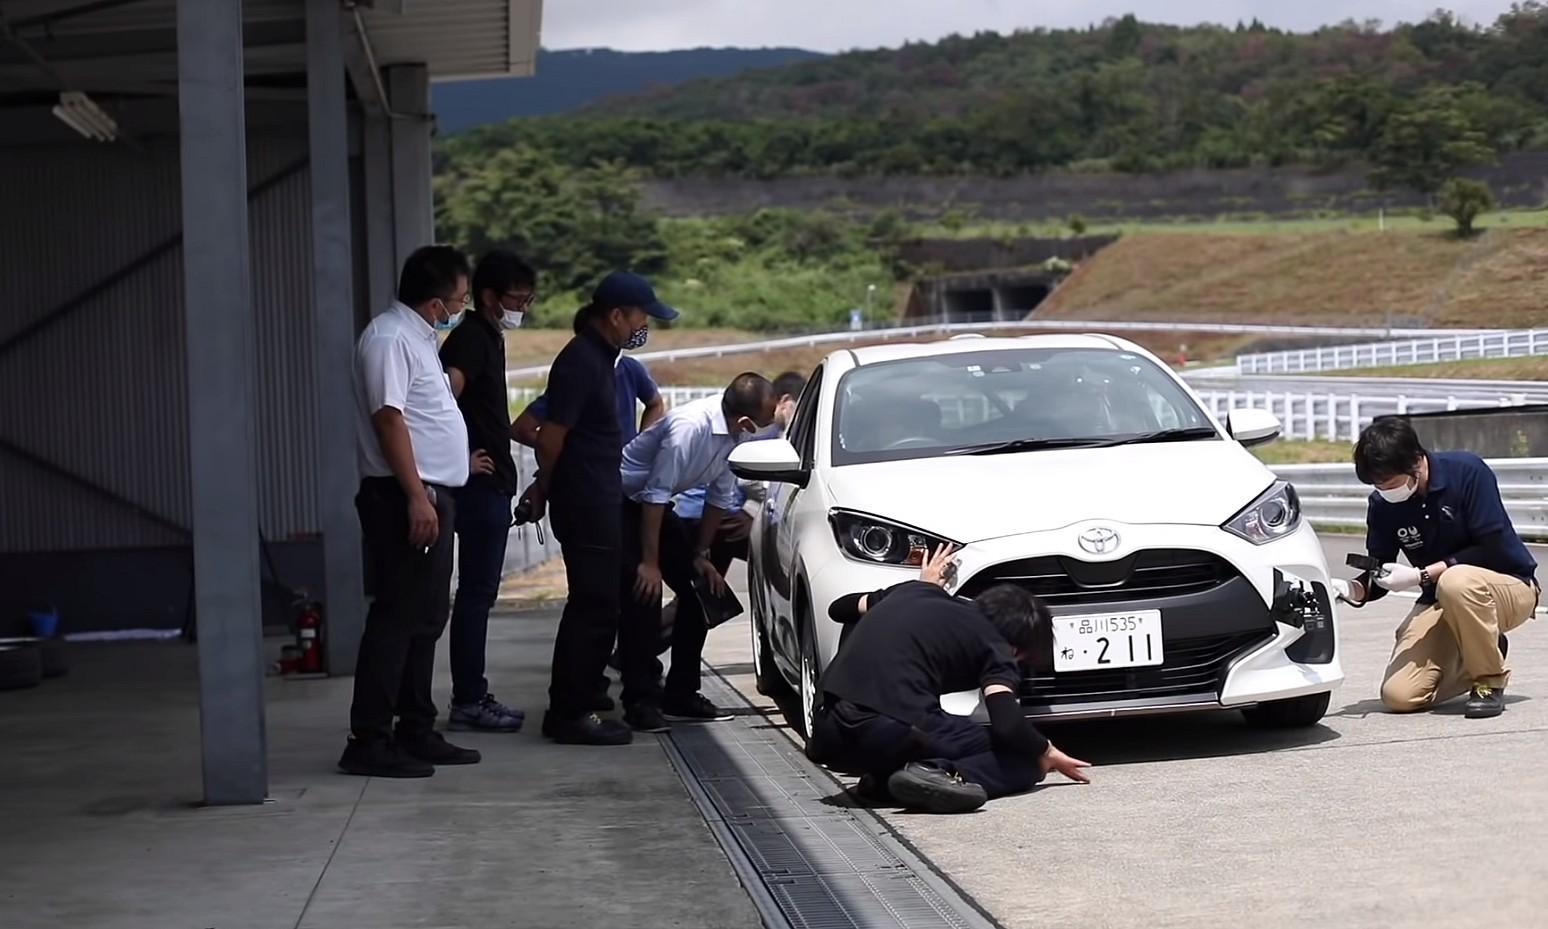 「トヨタ・ヤリスCVT・全日本ラリー参戦用清水和夫号の実走テストが始まった! エンジントルクを可視化できる解析機器とは?【SYE_X】」の3枚目の画像